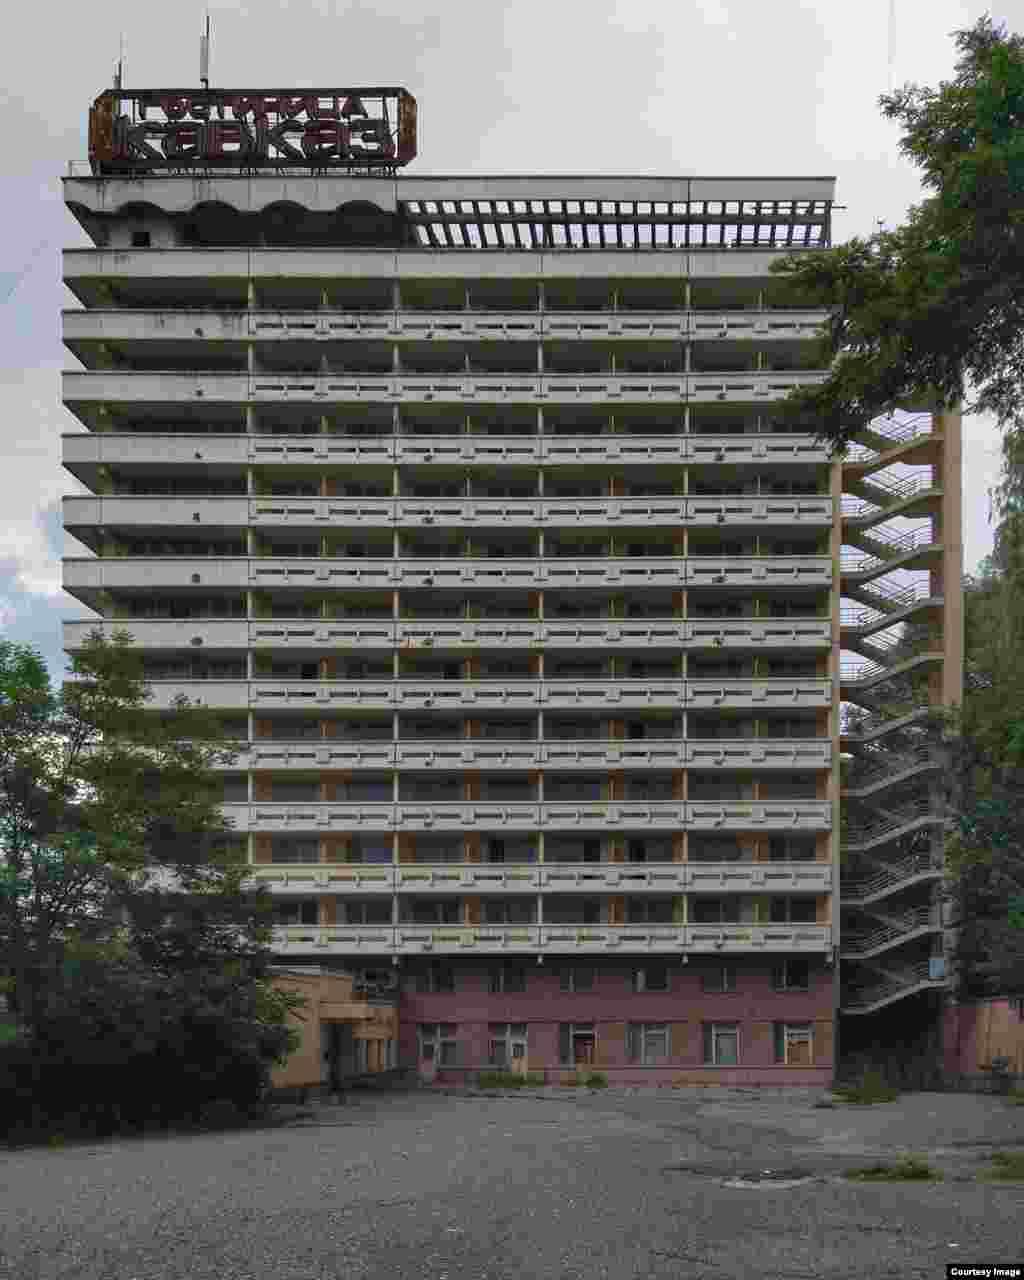 Гостиница «Кавказ», Кисловодск. 16-этажный отель заброшен. В нем сохранилась мебель, на некоторых этажах работает электрика. В одной из комнатблогеры встретили пса, которому кто-то приносит еду